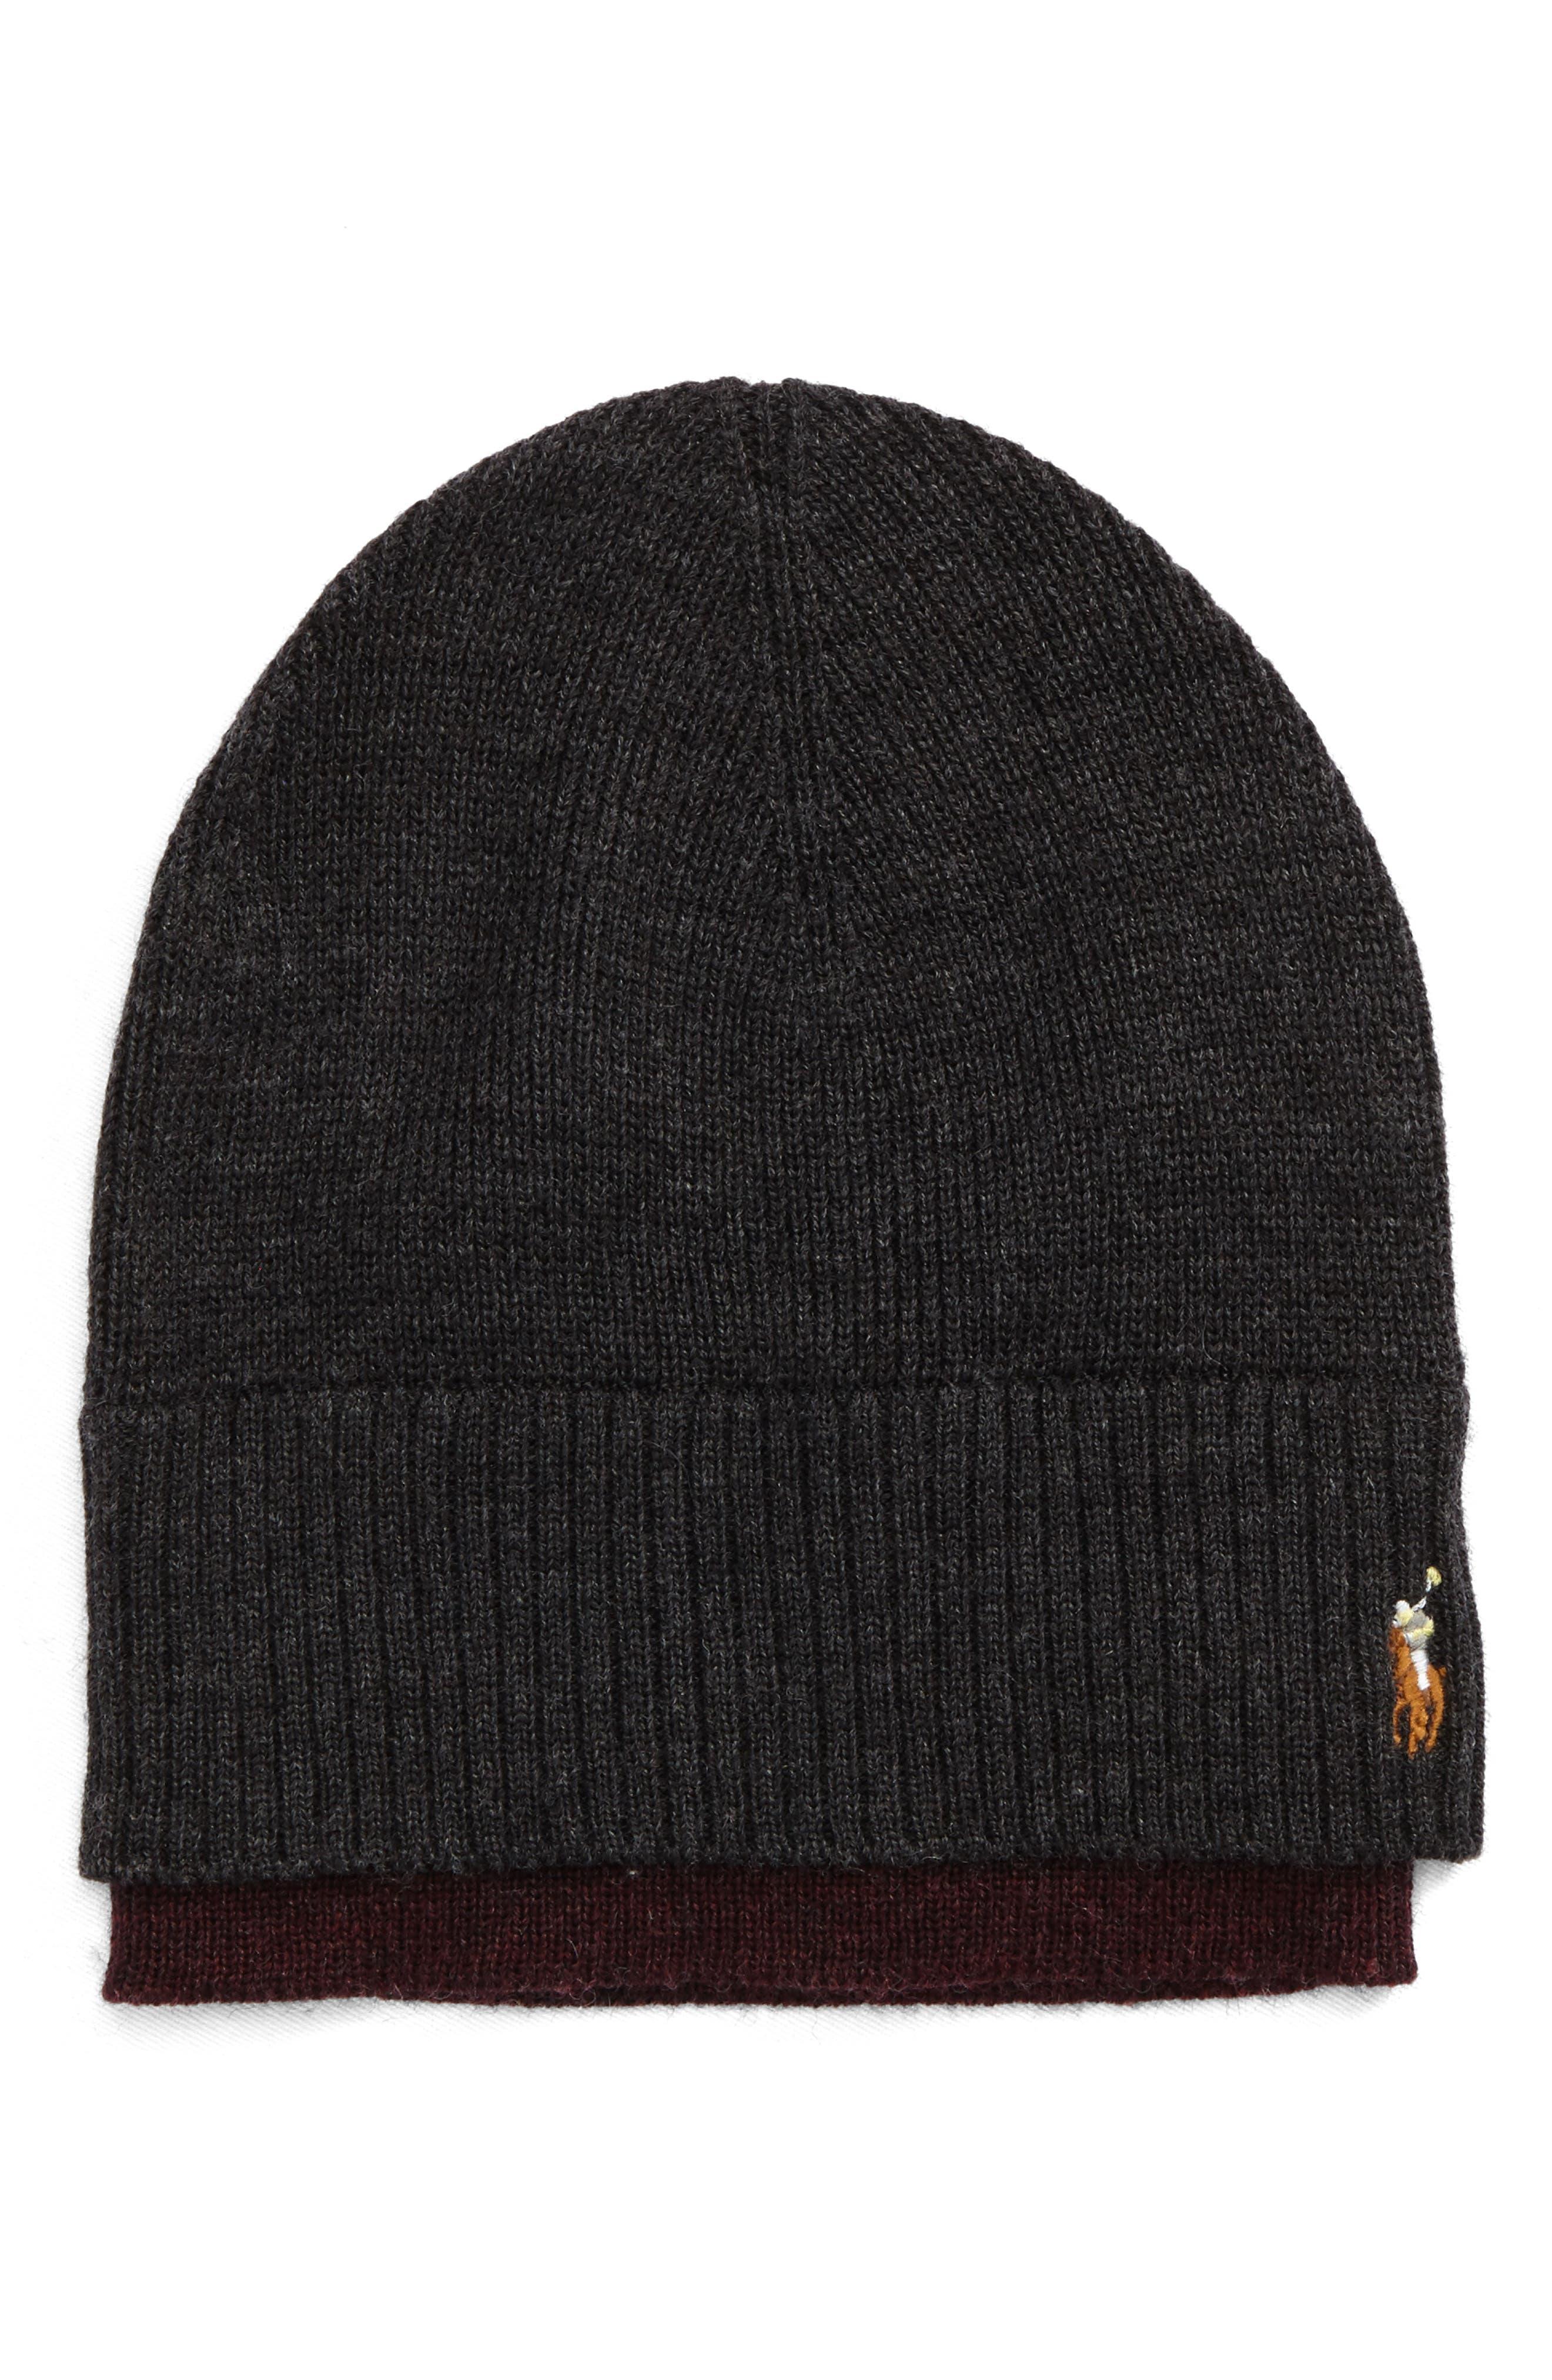 Polo Ralph Lauren Merino Wool Cap